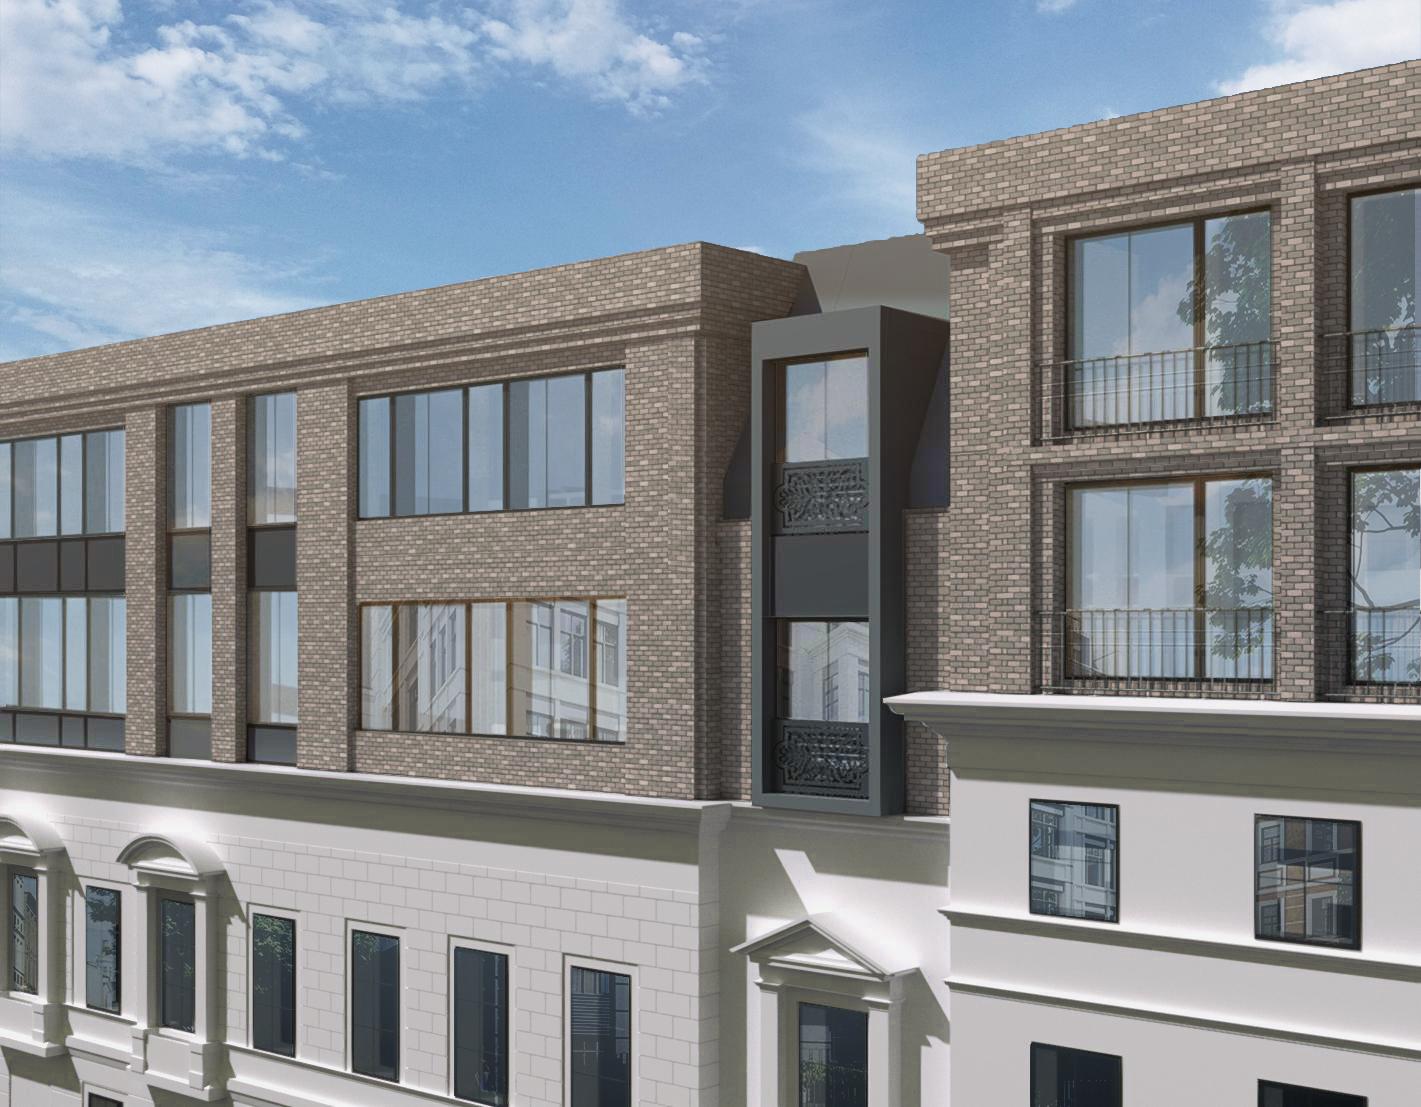 Концепция достройки фасада исторического здания фото f_6575c0aa8d221c8f.jpg